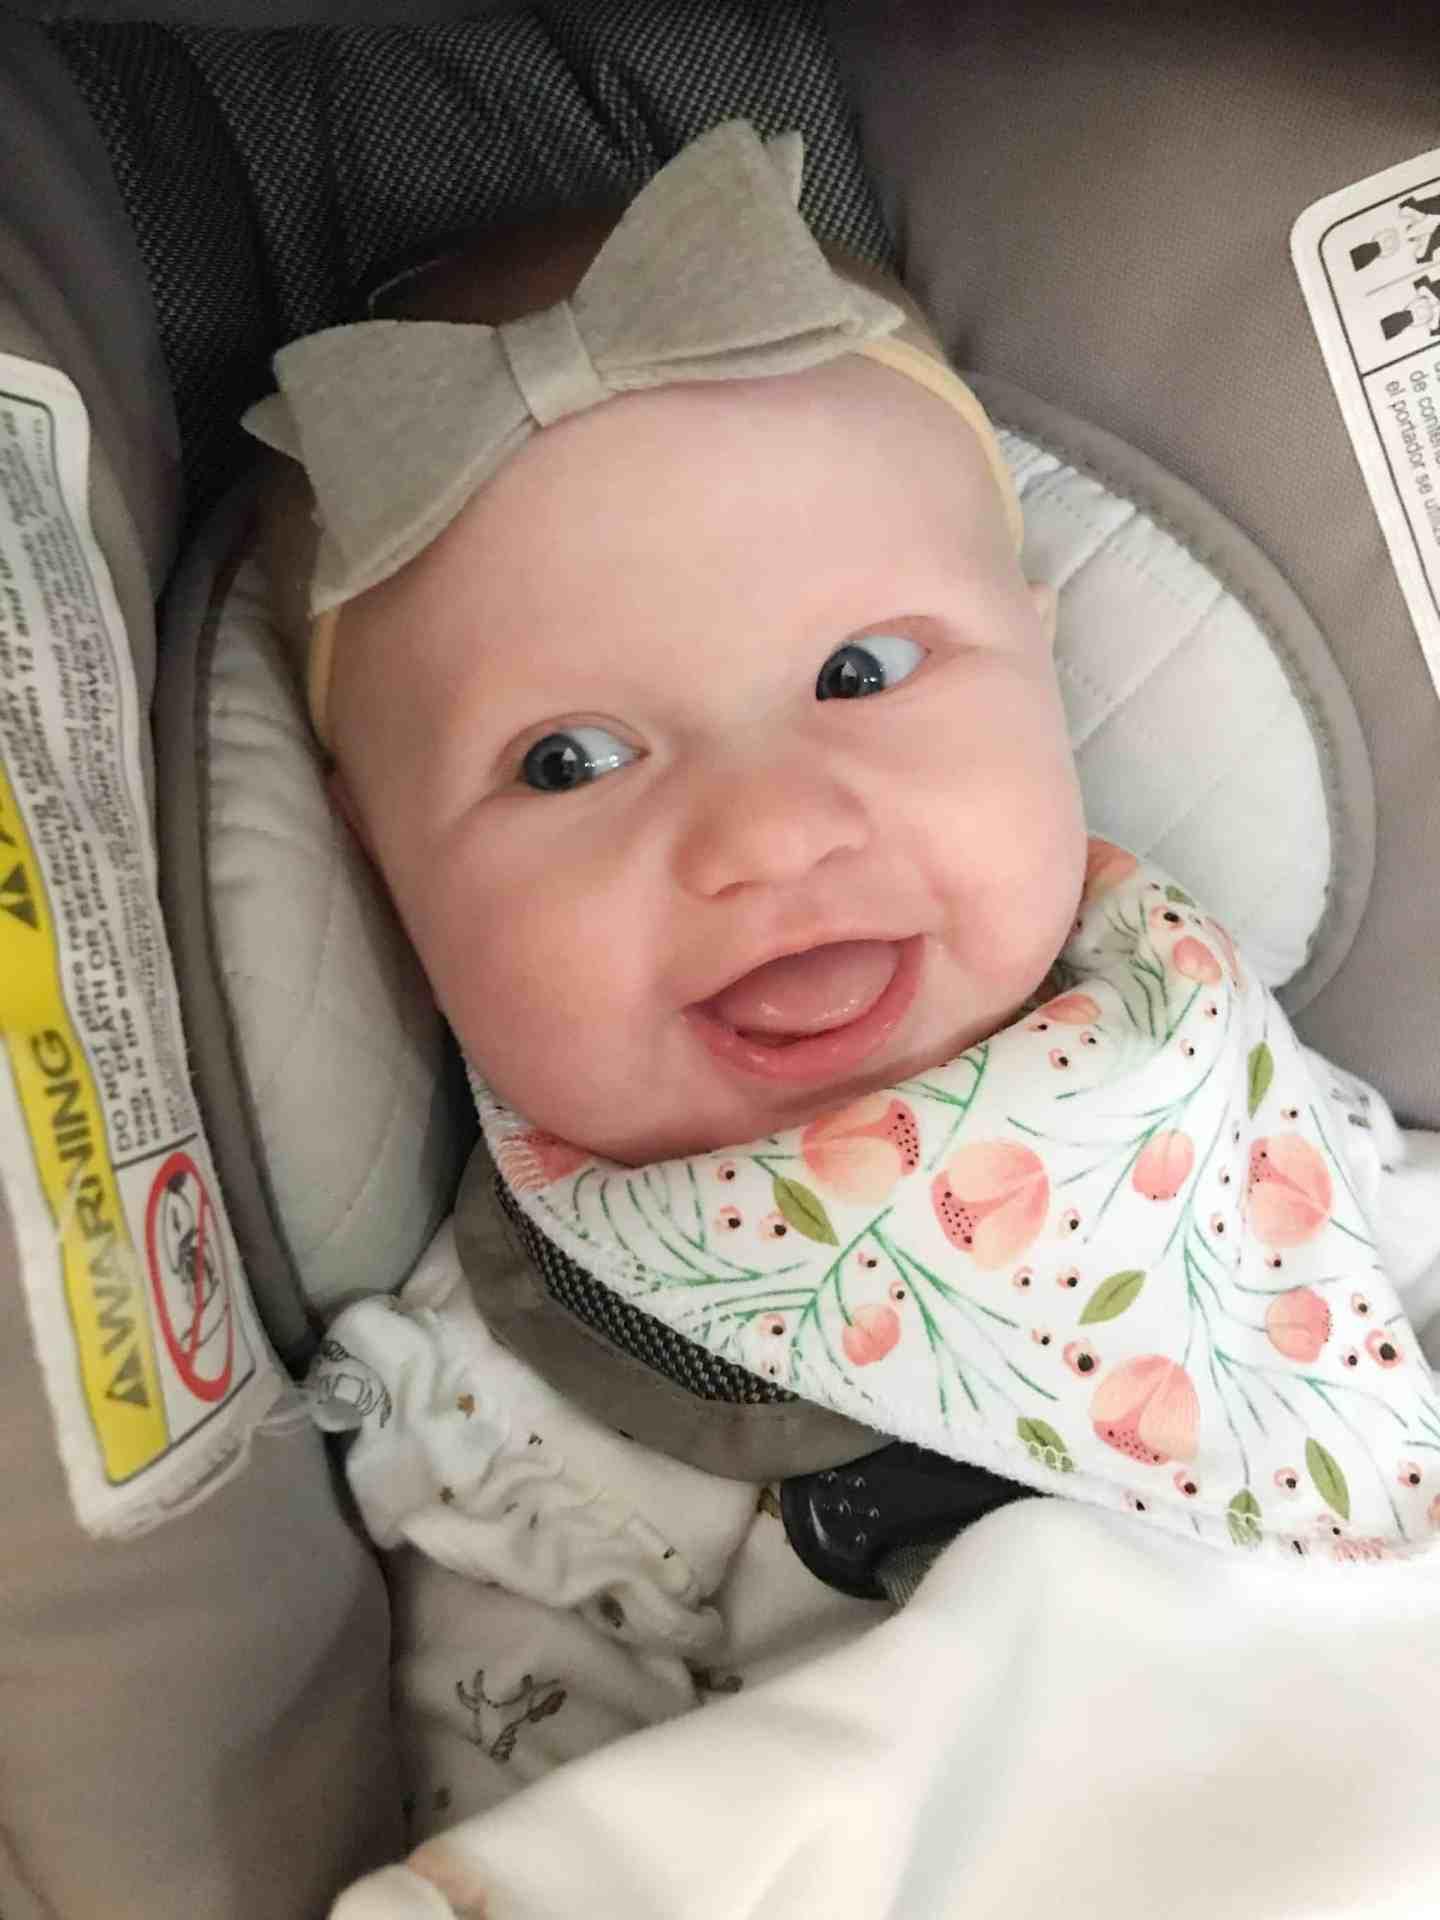 baby bows with headband